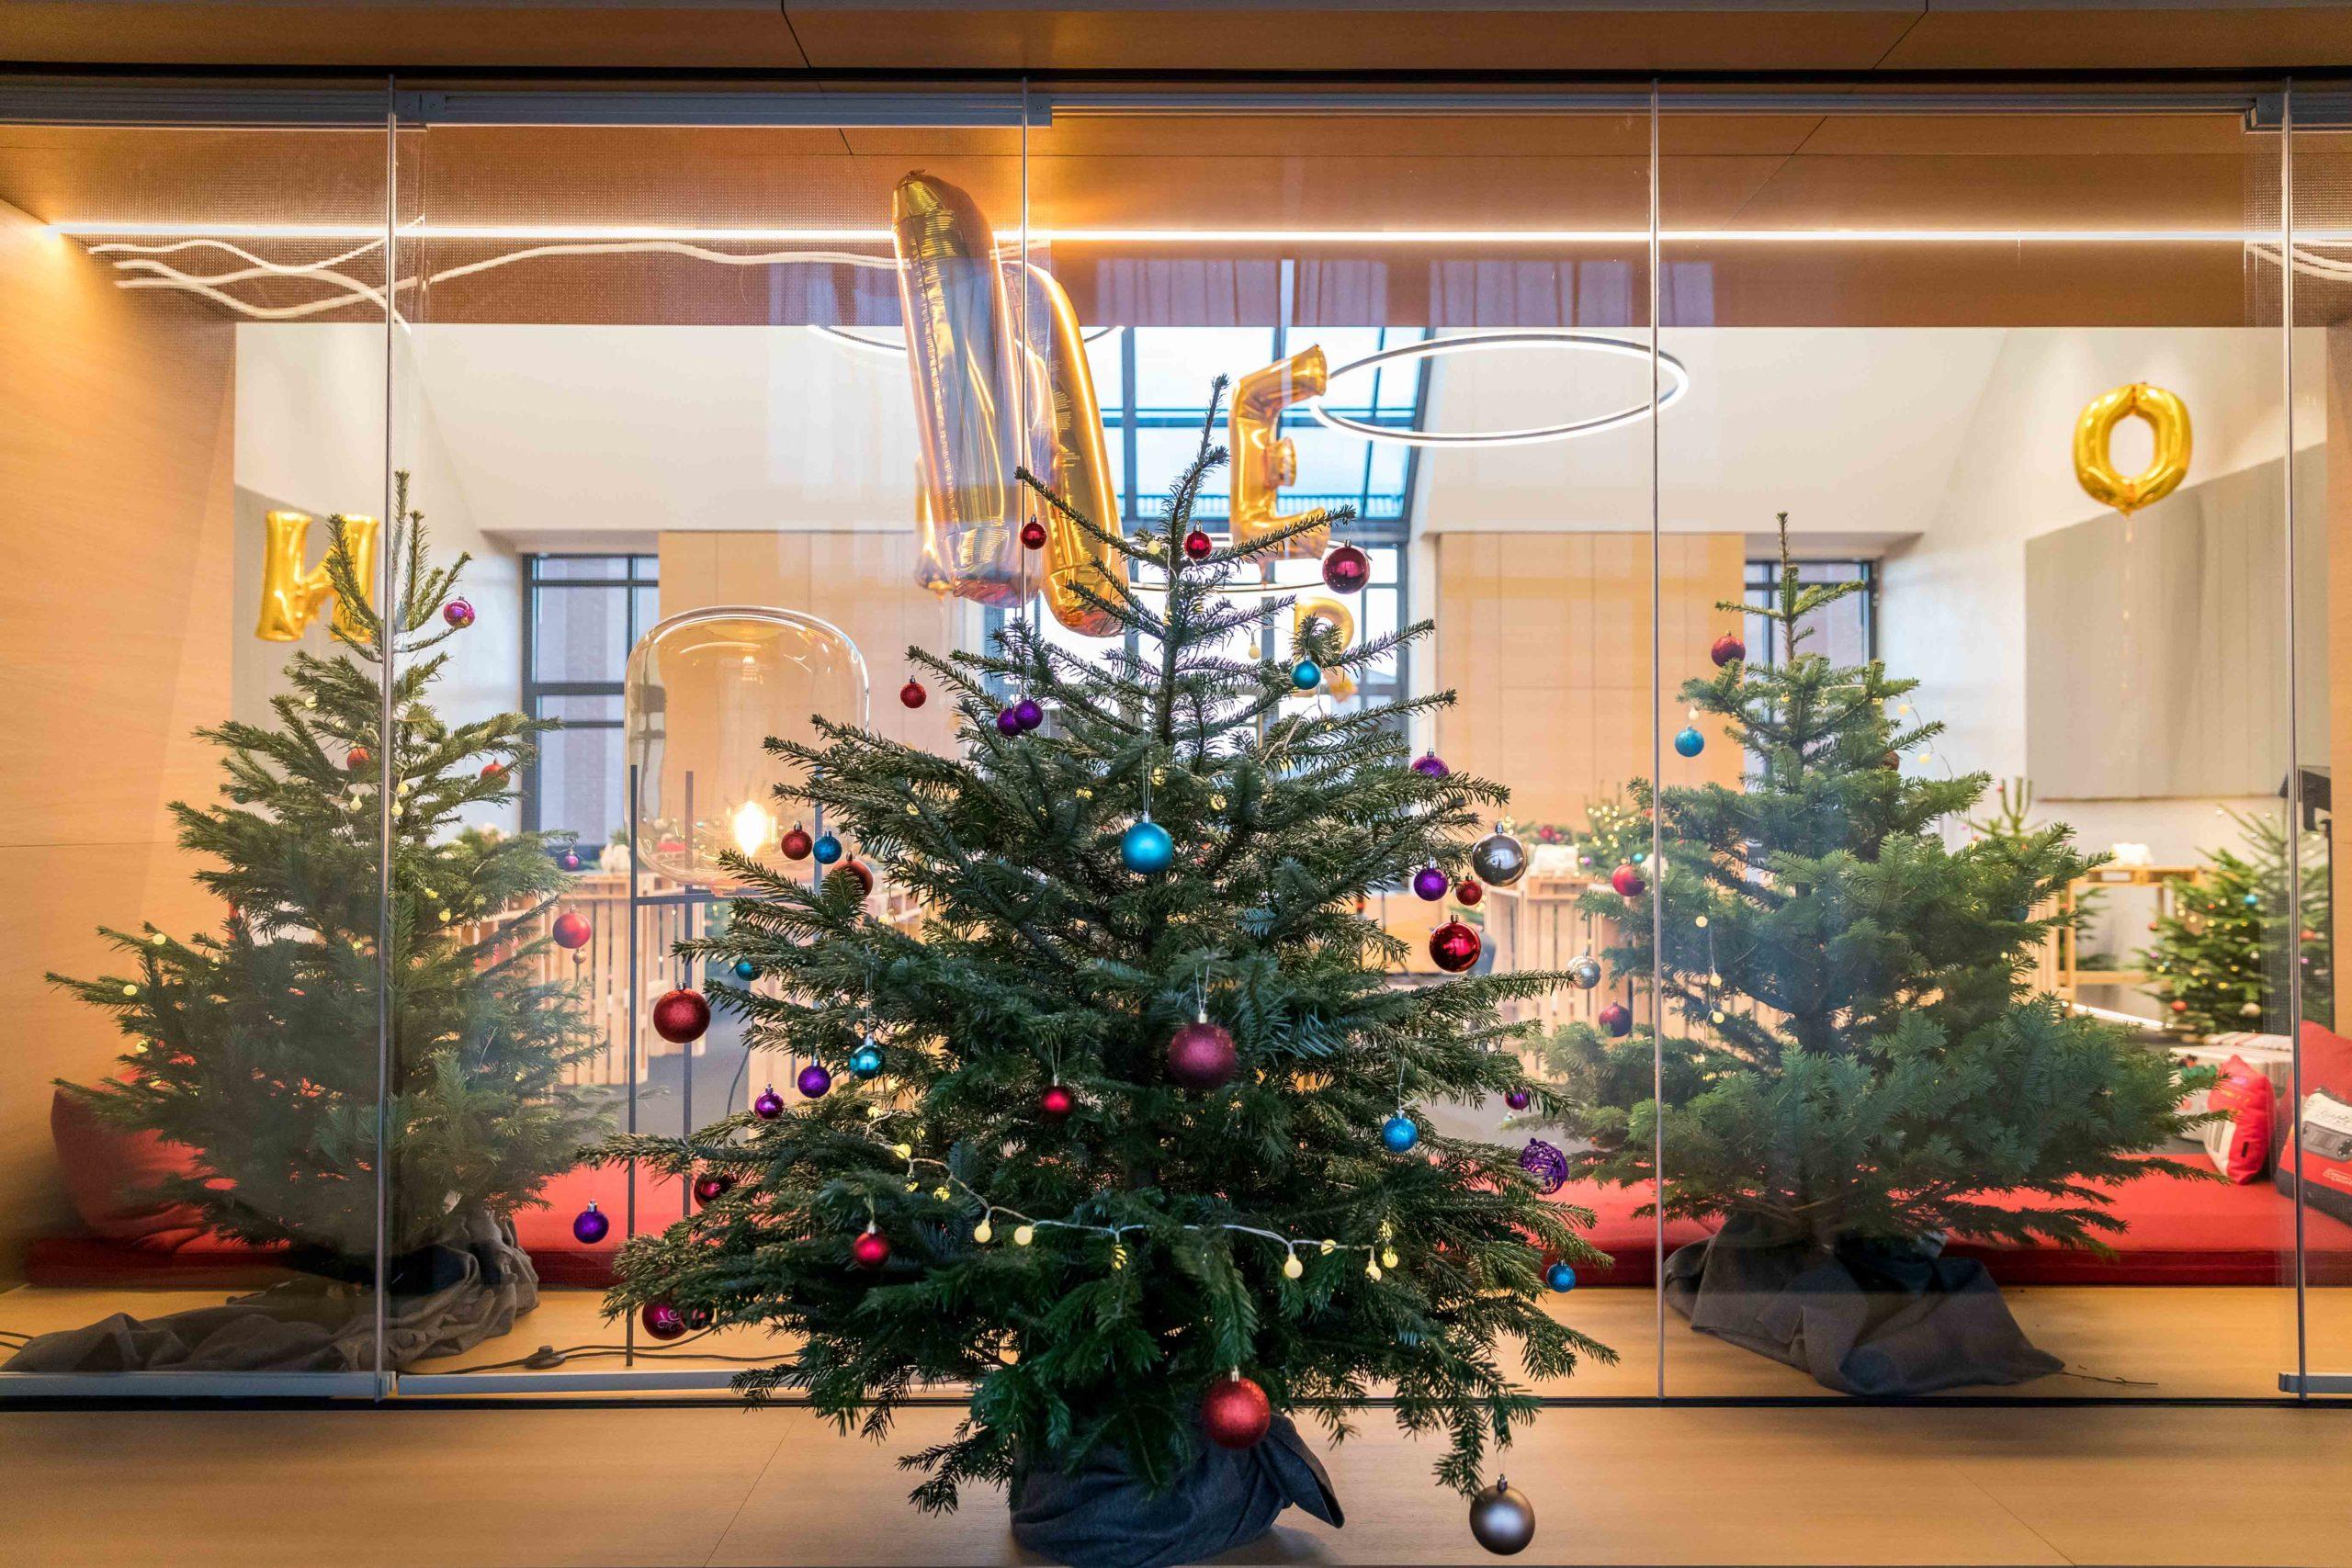 Eventfotografie Events München Anja Richter Fotografie GEMA Weihnachtsfeier 2019-8